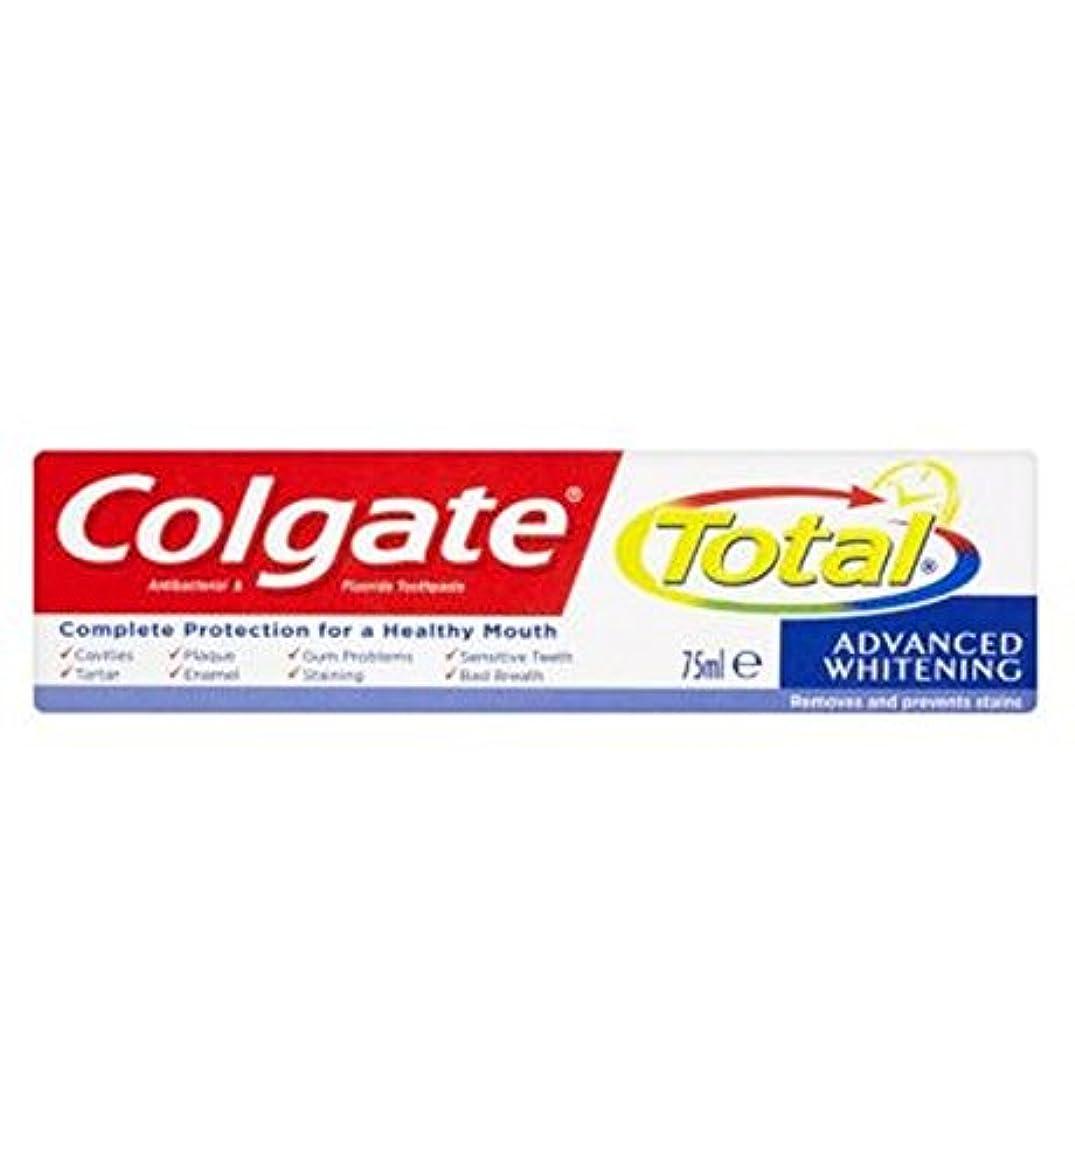 海外グレー武装解除コルゲートトータル高度なホワイトニング歯磨き粉75ミリリットル (Colgate) (x2) - Colgate Total Advanced Whitening toothpaste 75ml (Pack of 2)...